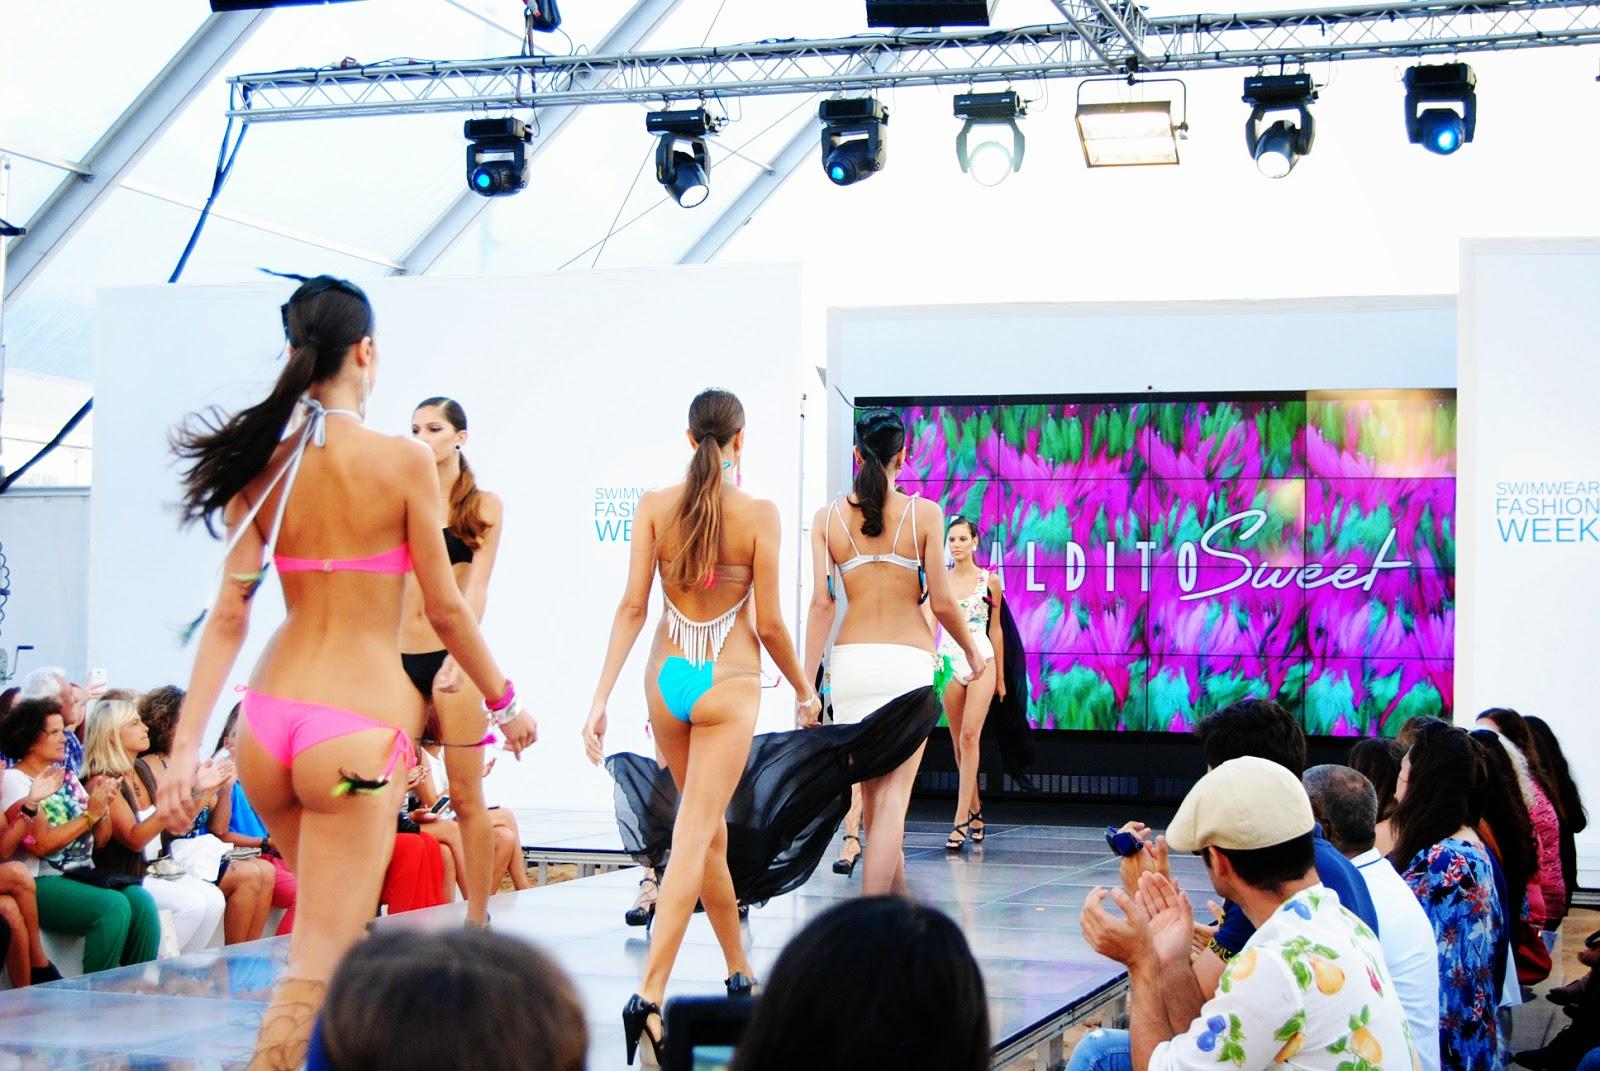 moda calida, gran canaria fashion week, gcmc, gcmodacalica2014, maldito sweet, swimwear,xtg, lenita